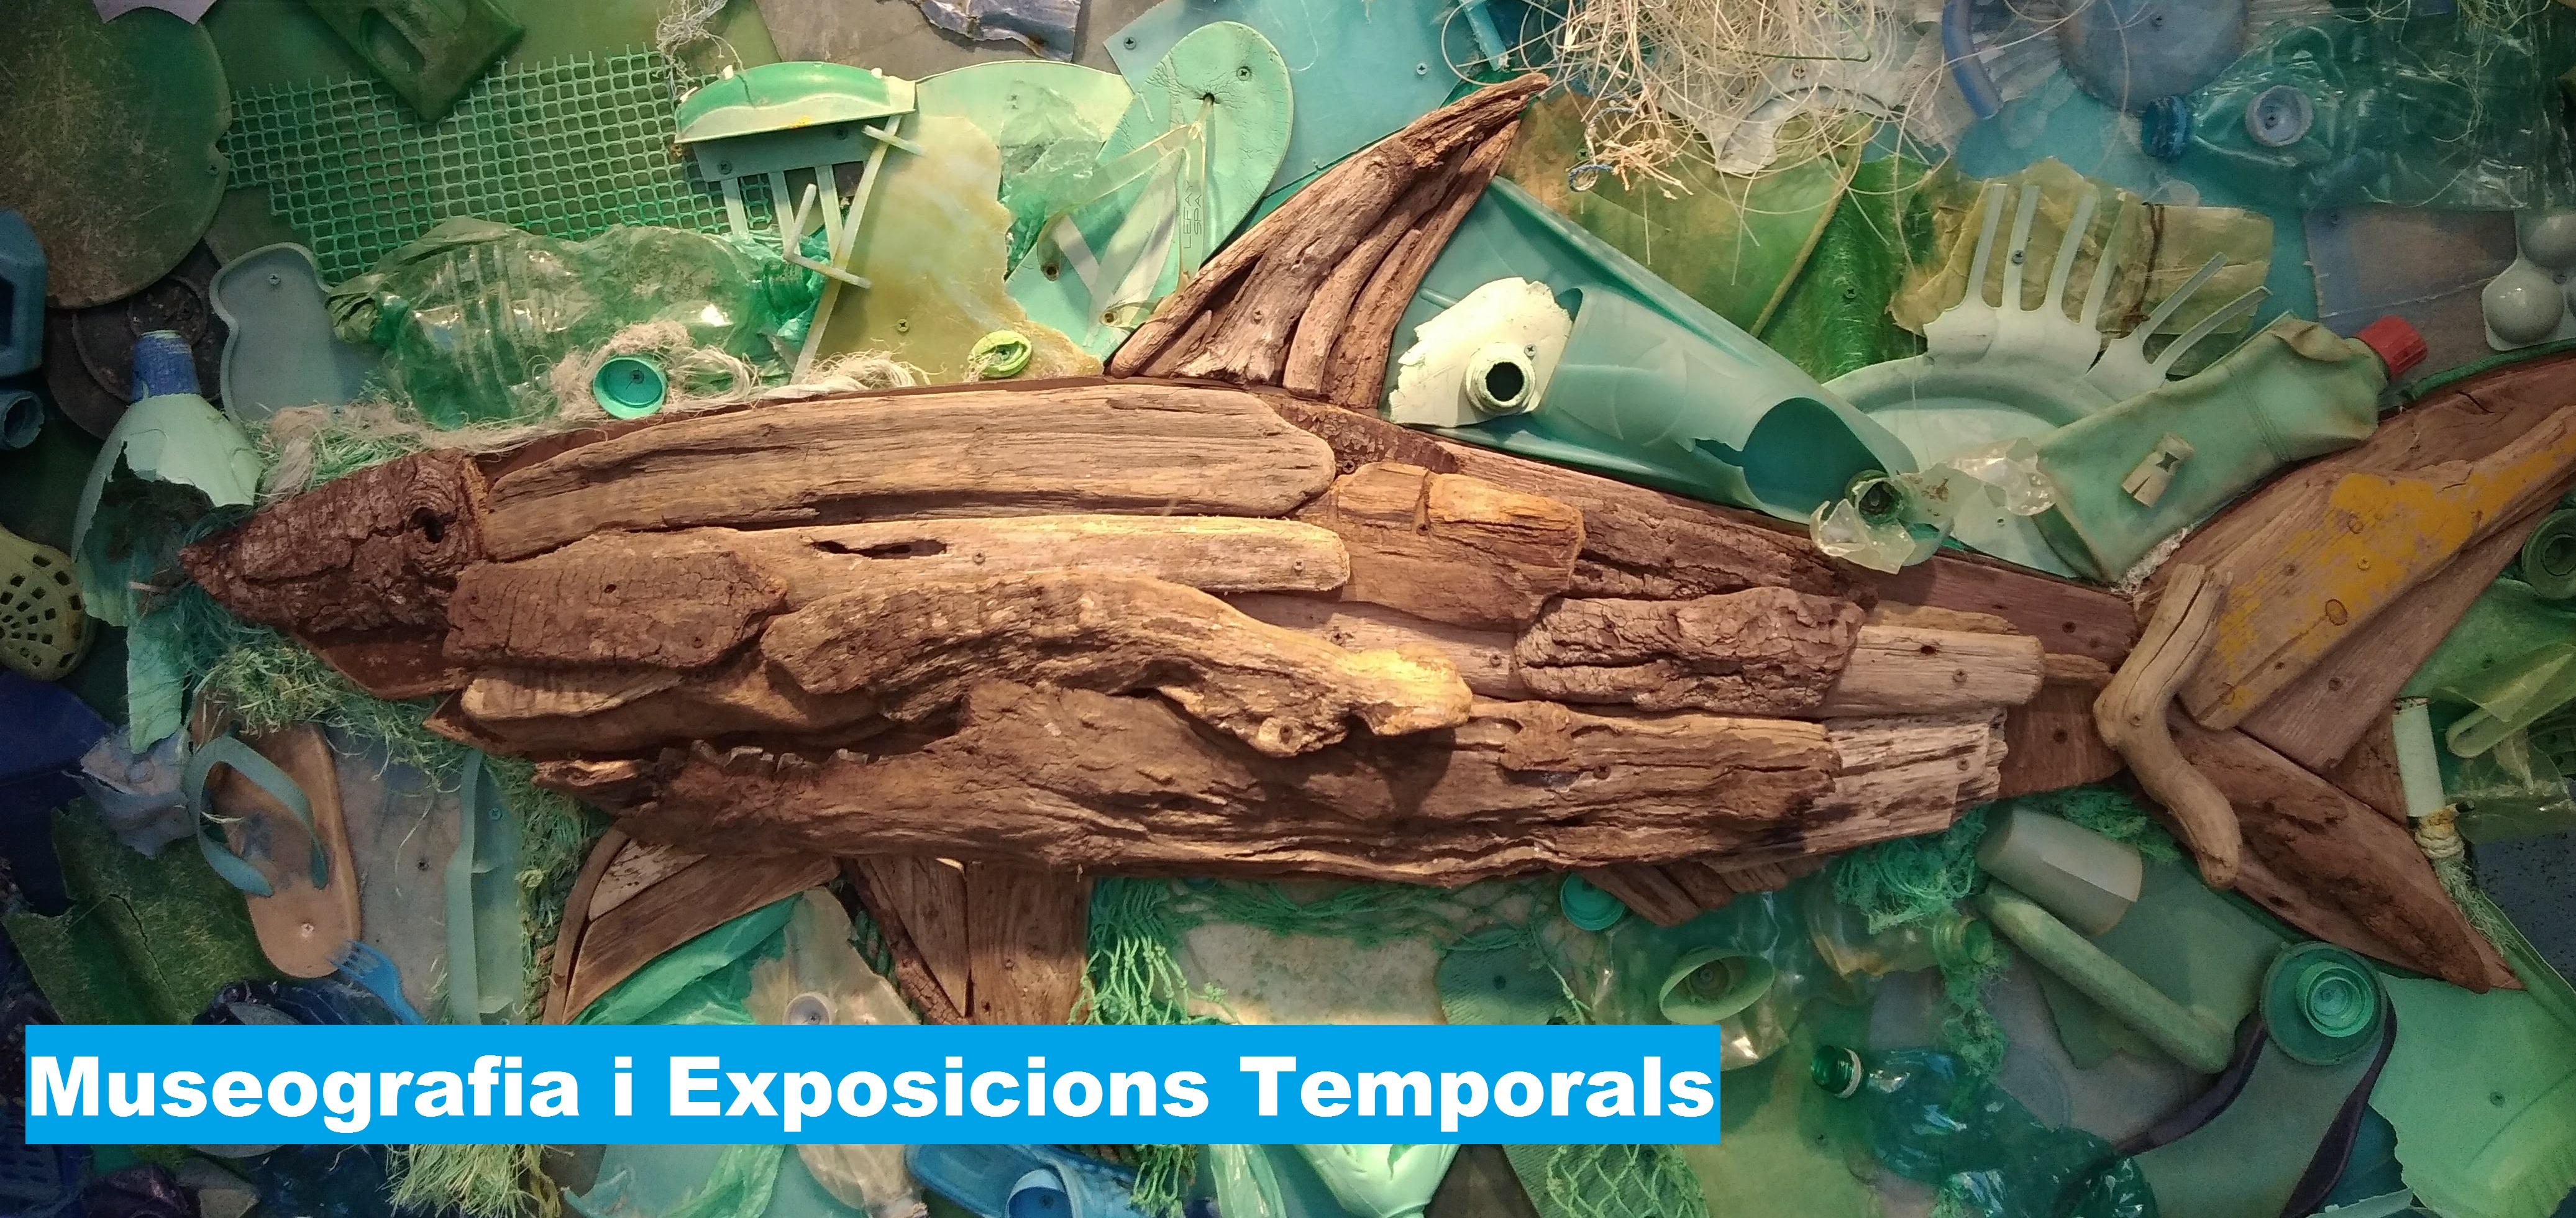 Museografia i exposicions (3501MO2957/2020)